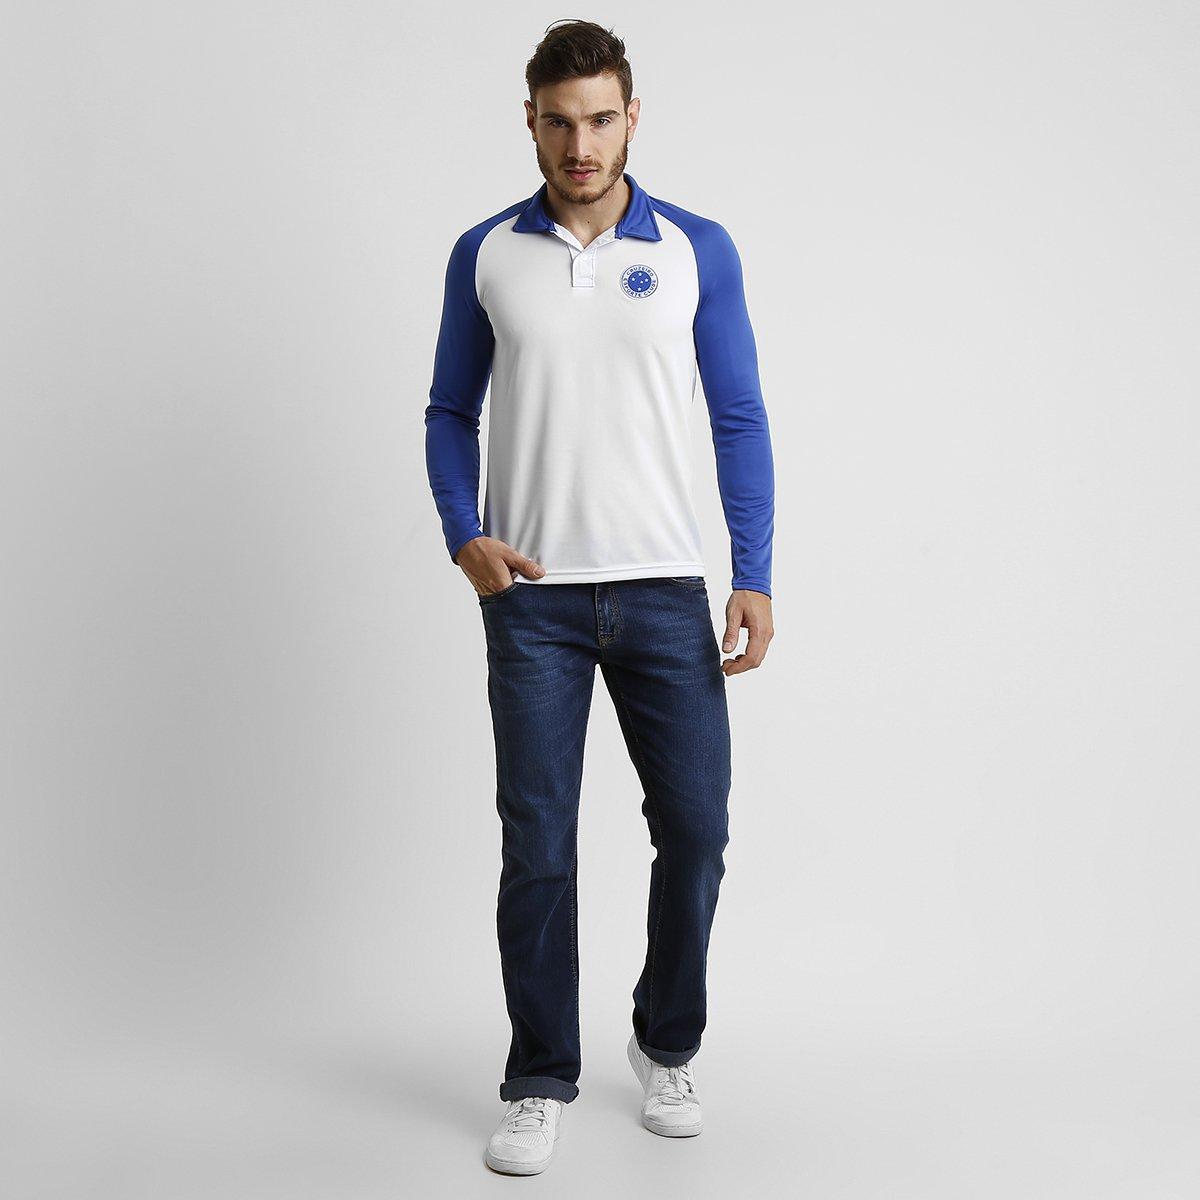 93834d3db1 Camisa Polo Cruzeiro M L - Compre Agora